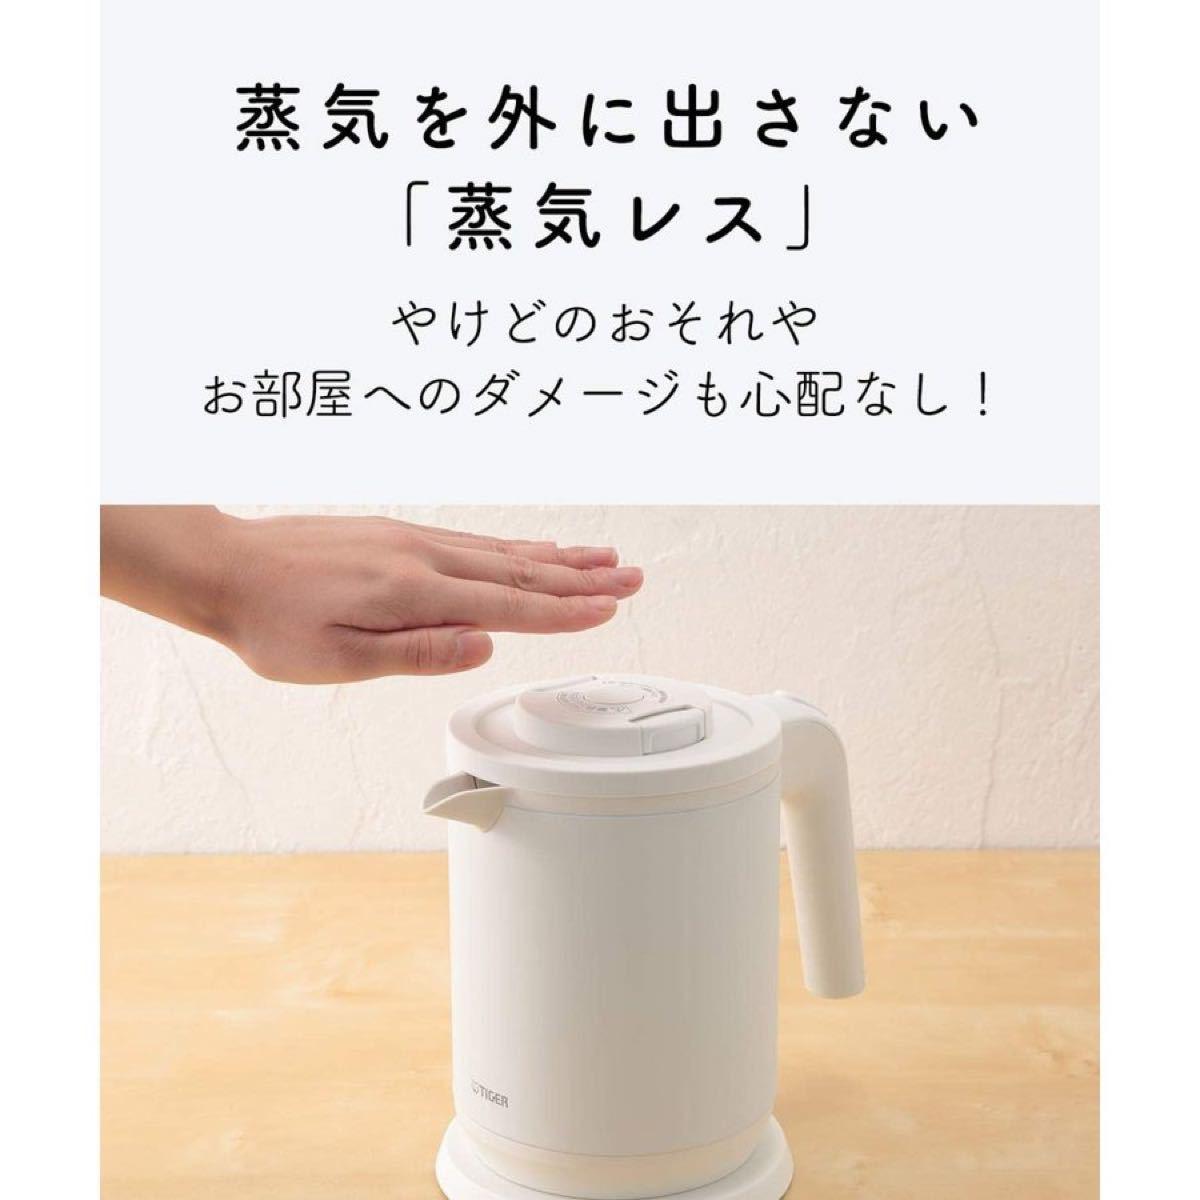 タイガー魔法瓶 電気ケトル PCK-A080WM マットホワイト